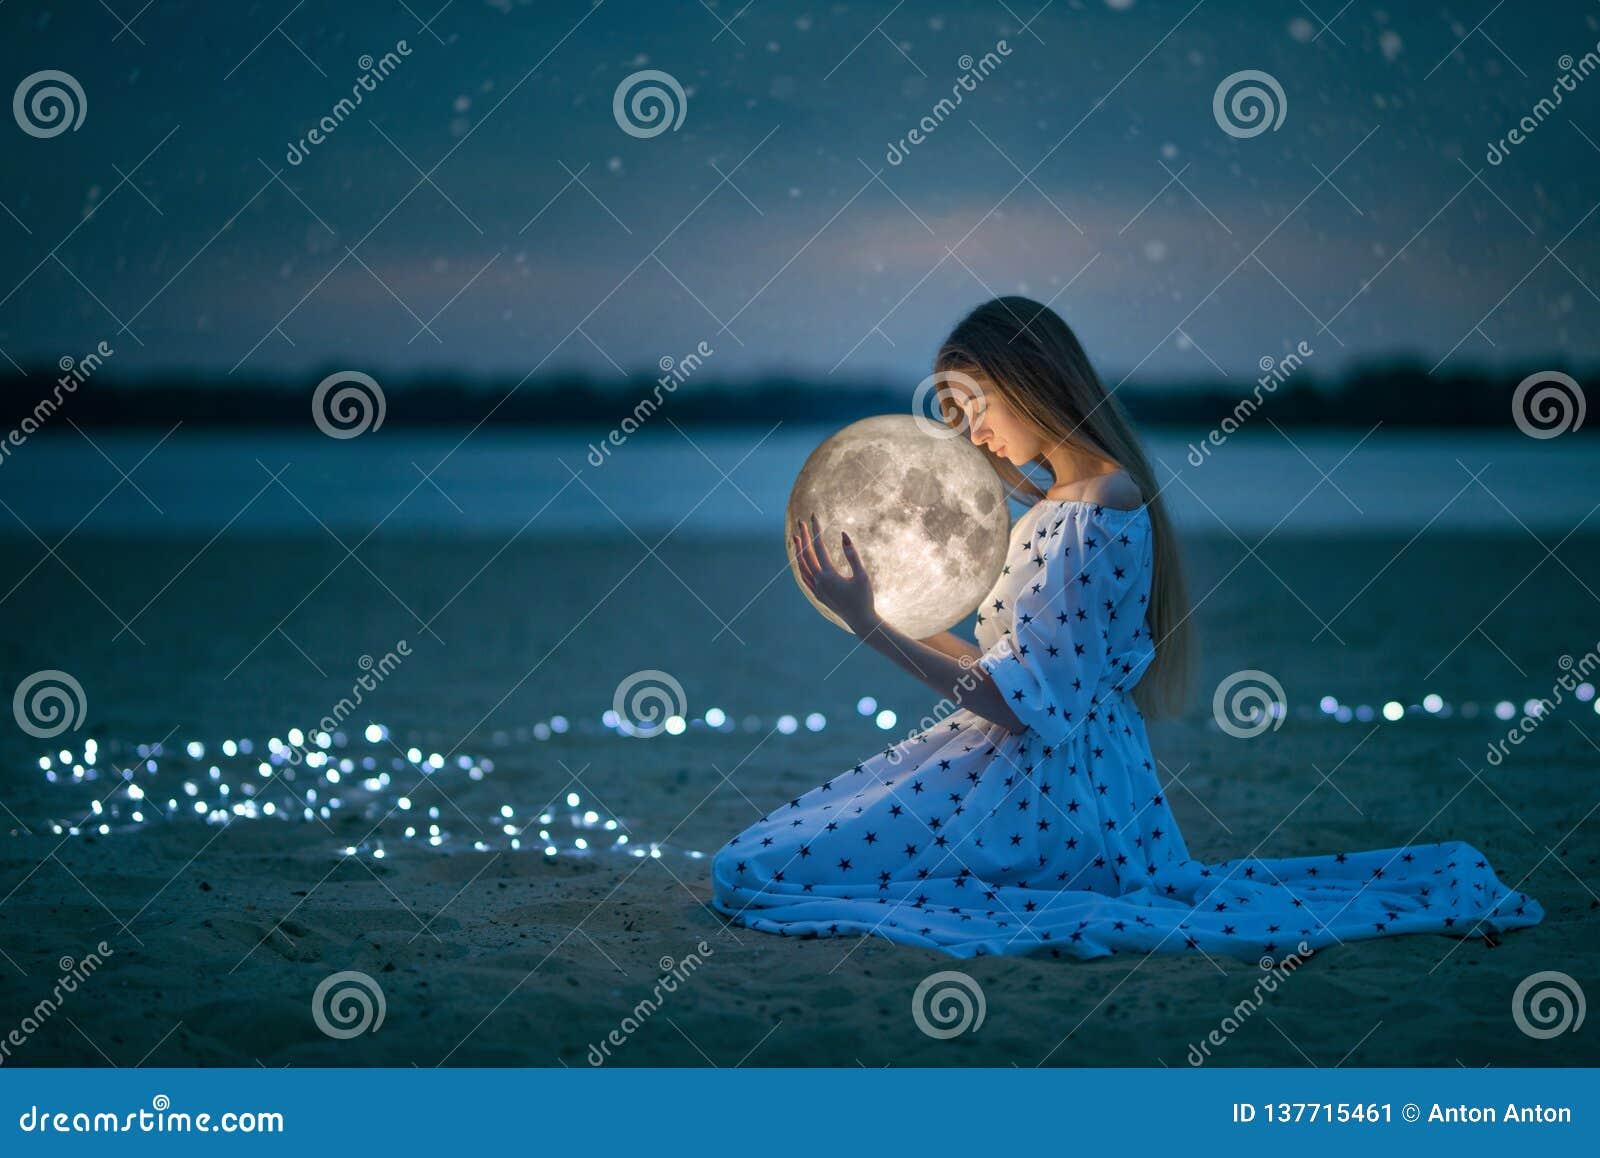 Красивая привлекательная девушка на пляже ночи с песком и звездами обнимает луну, художественную фотографию